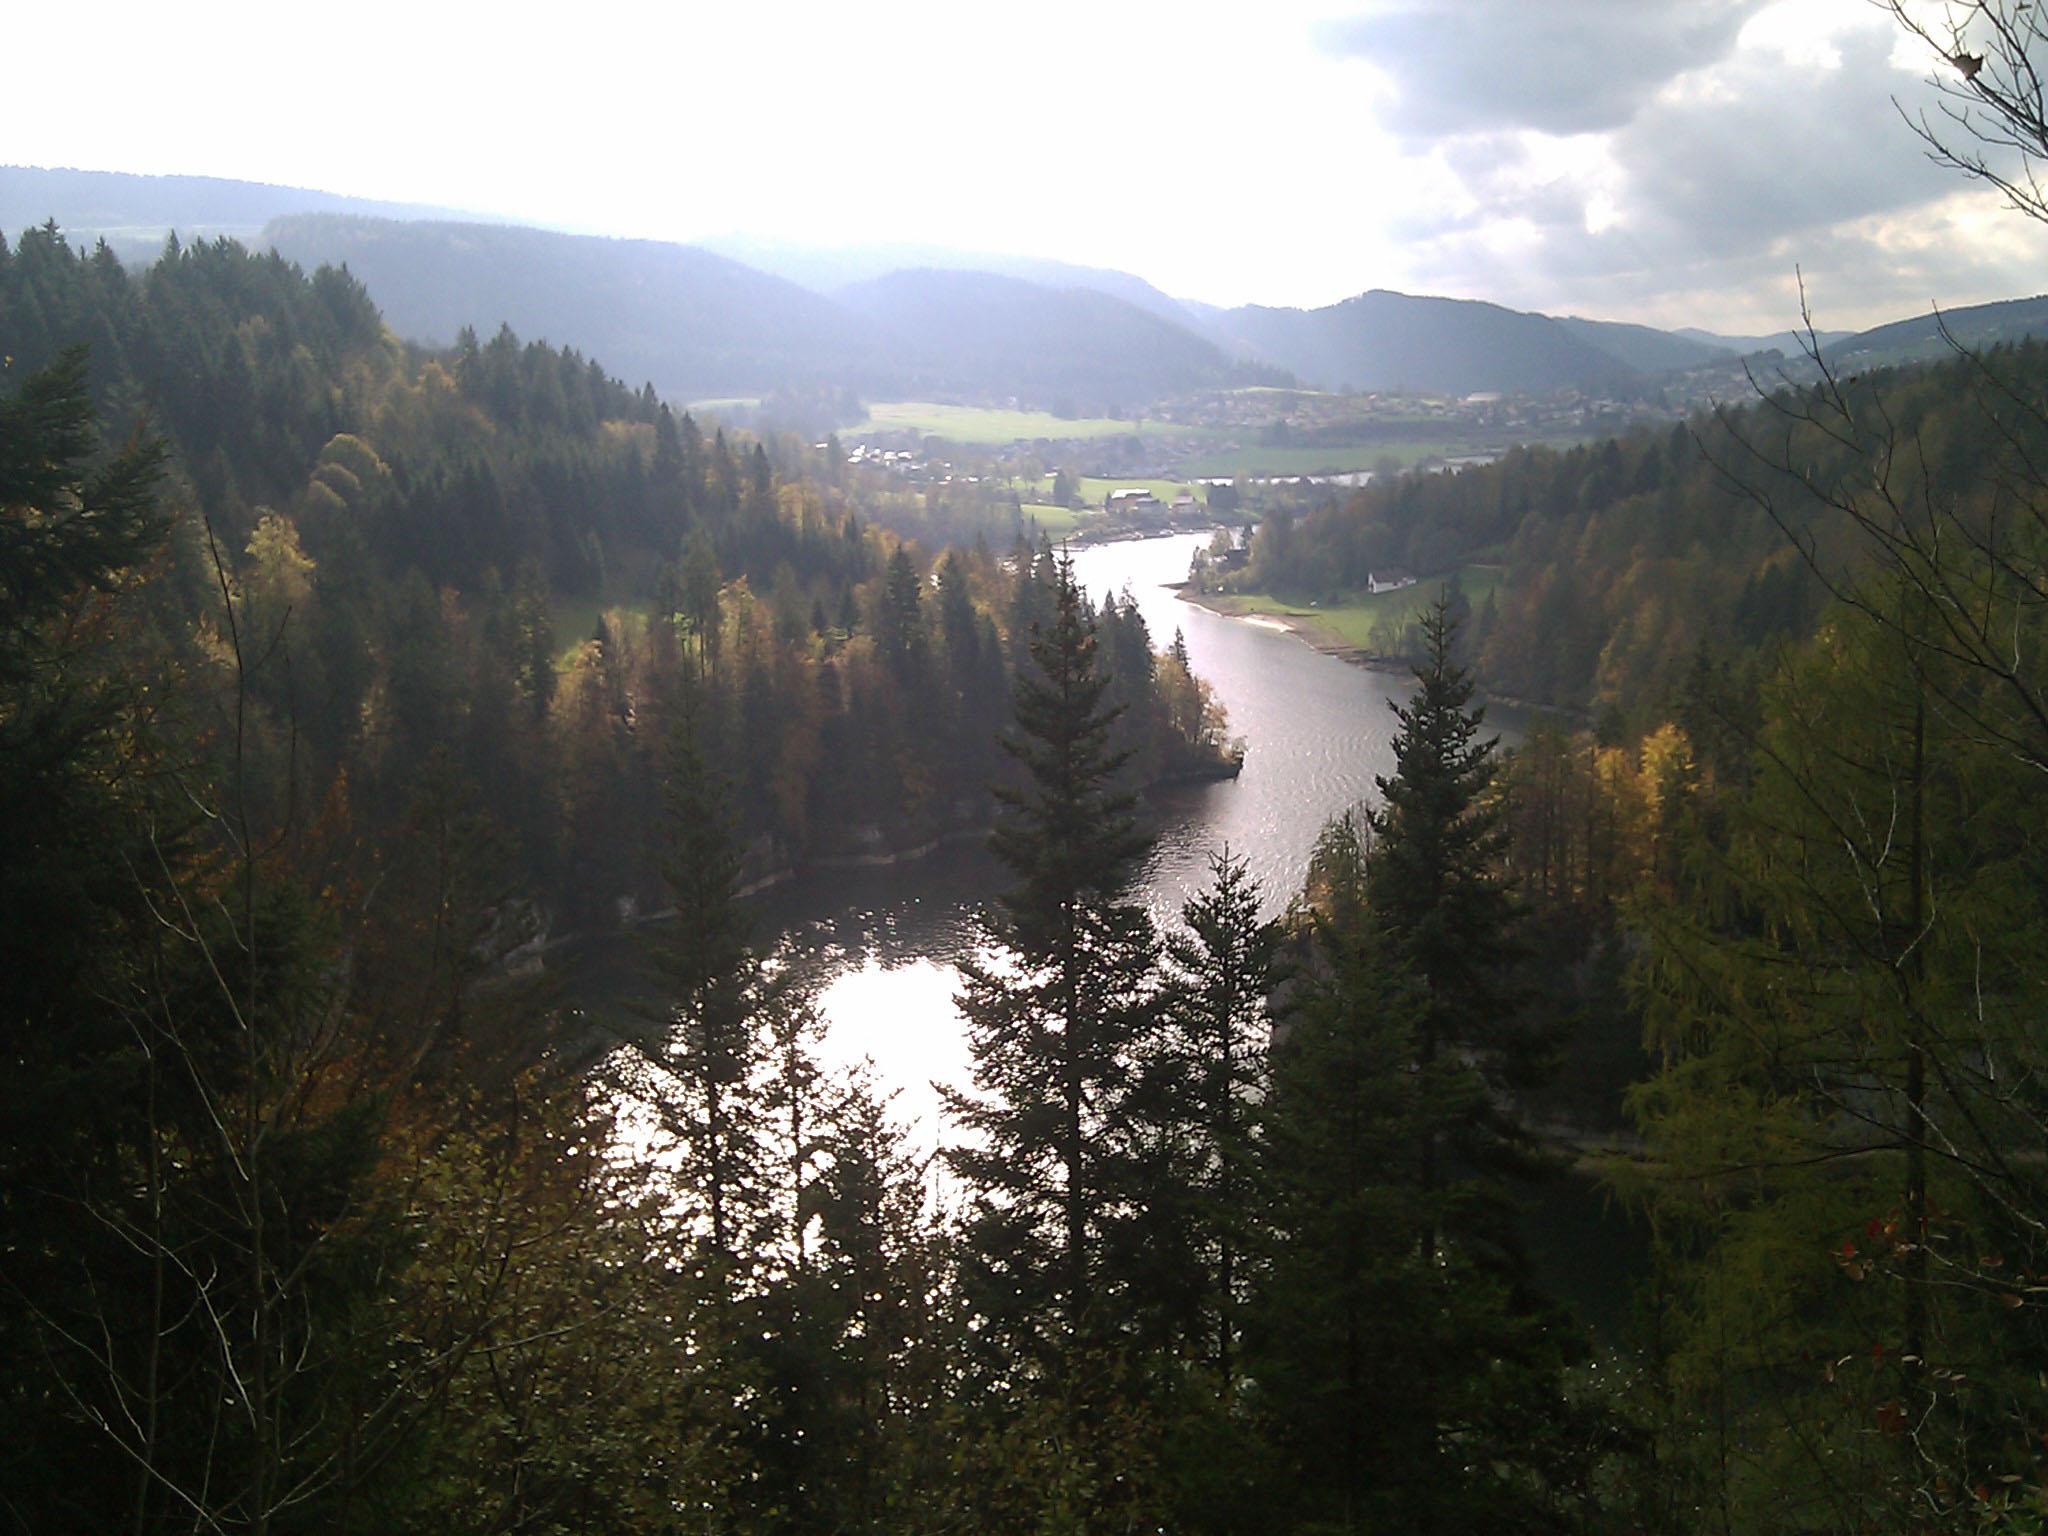 """23 de outubro de 2010: """"Me contaram que a região do Jura é feita de pinheiros e abetos com nenhuma corde outono. Mas aregião ao redor do Doubs, pelo menos, provou o contrário."""""""